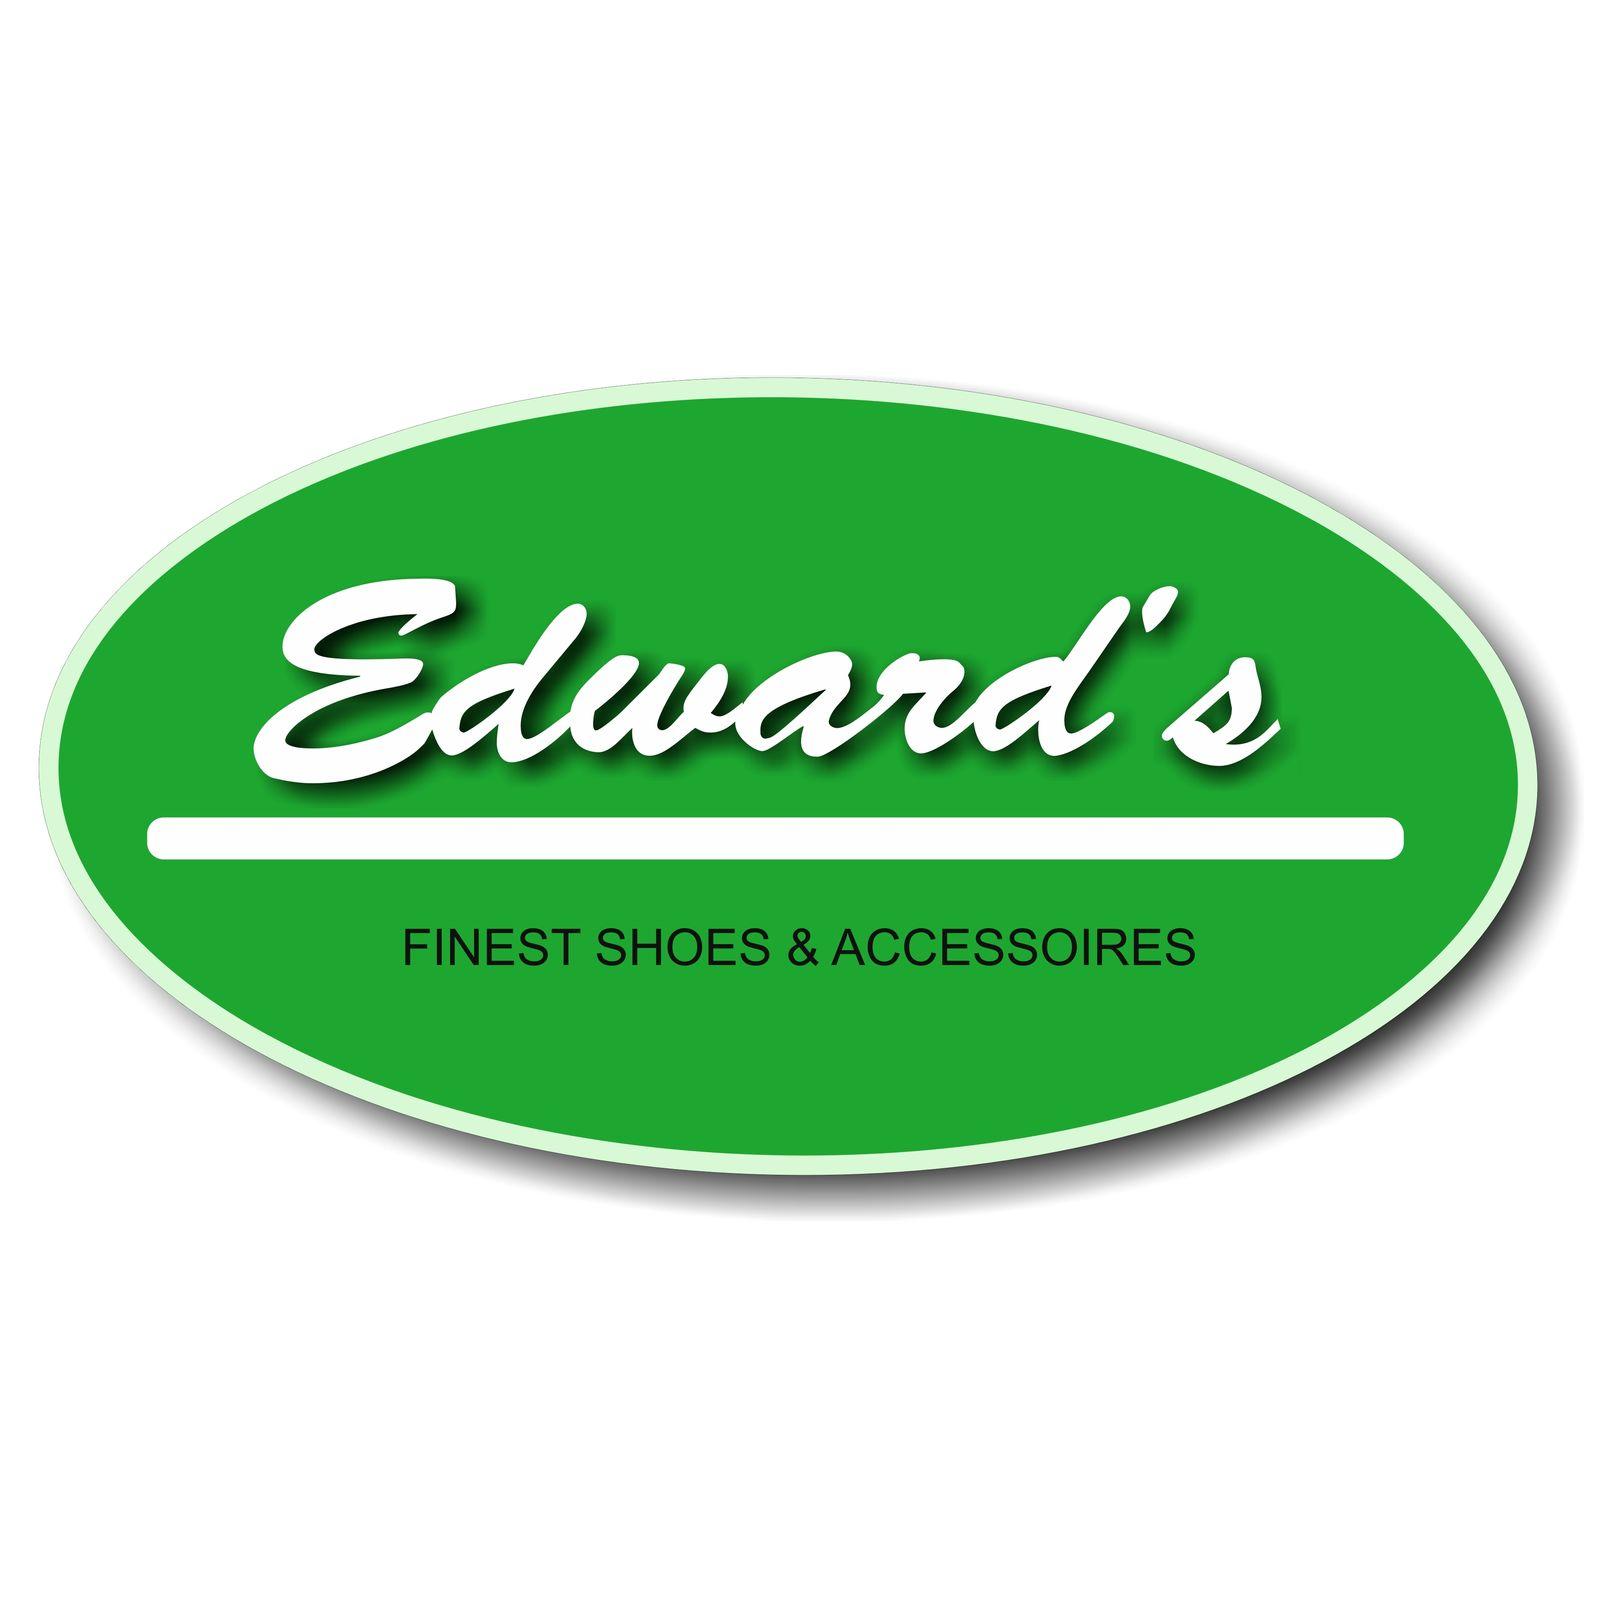 EDWARD'S in Düsseldorf (Bild 1)